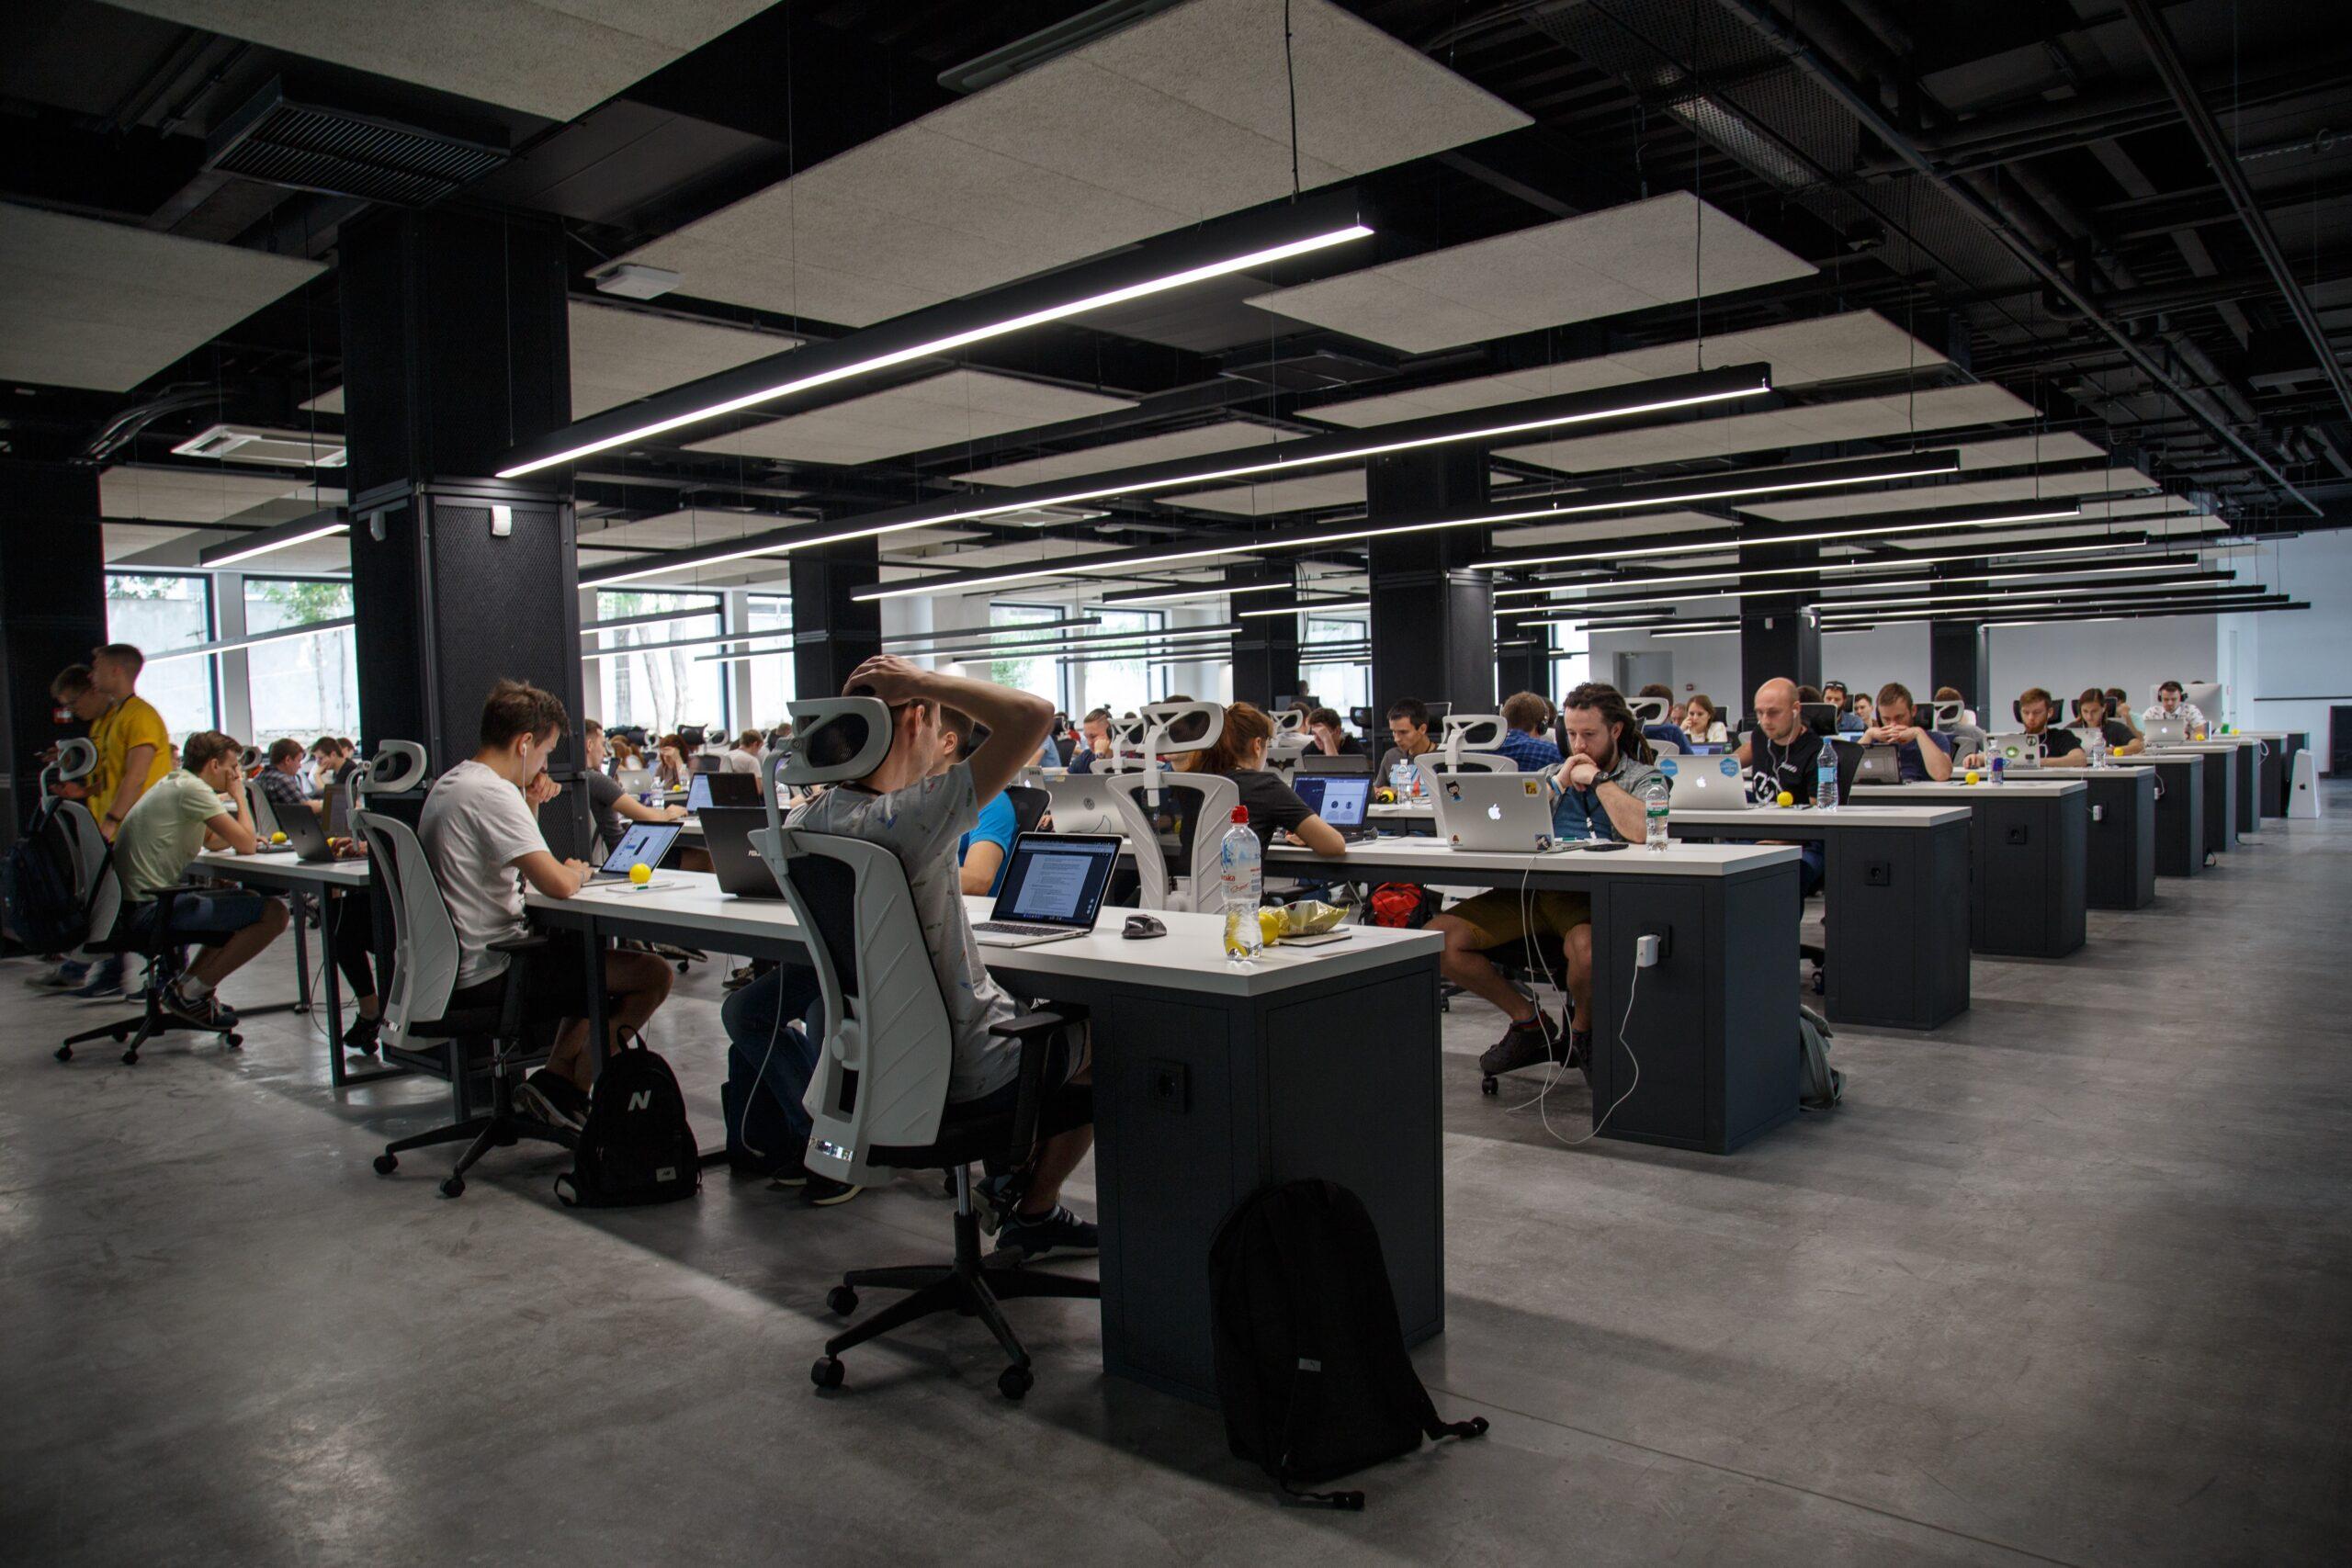 リモートワークとオフィス出勤を併用しよう:デザインを決めるポイント